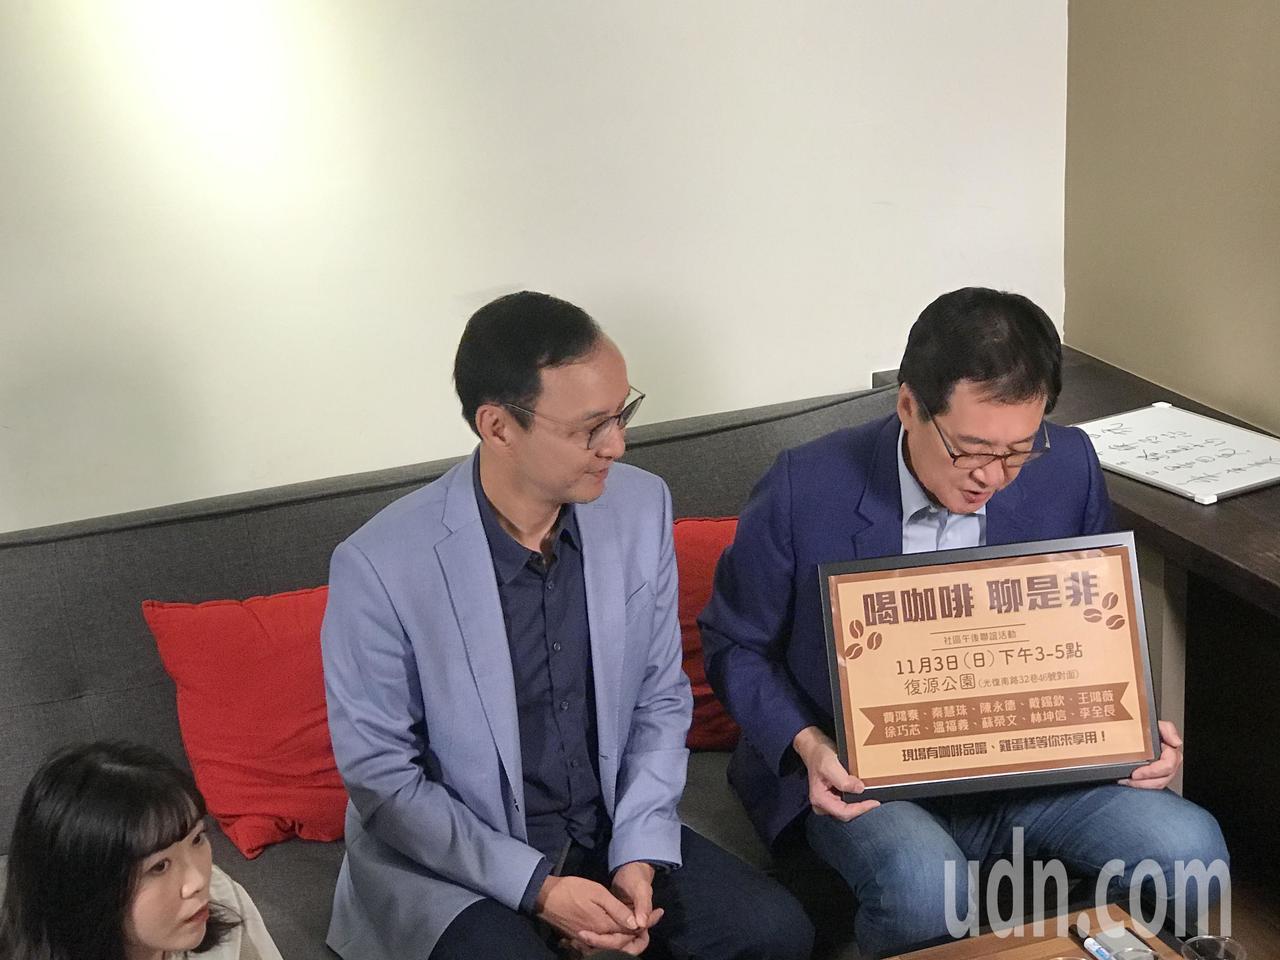 國民黨立委參選人費鴻泰上午邀請新北市前市長朱立倫一起造勢。記者楊正海/攝影